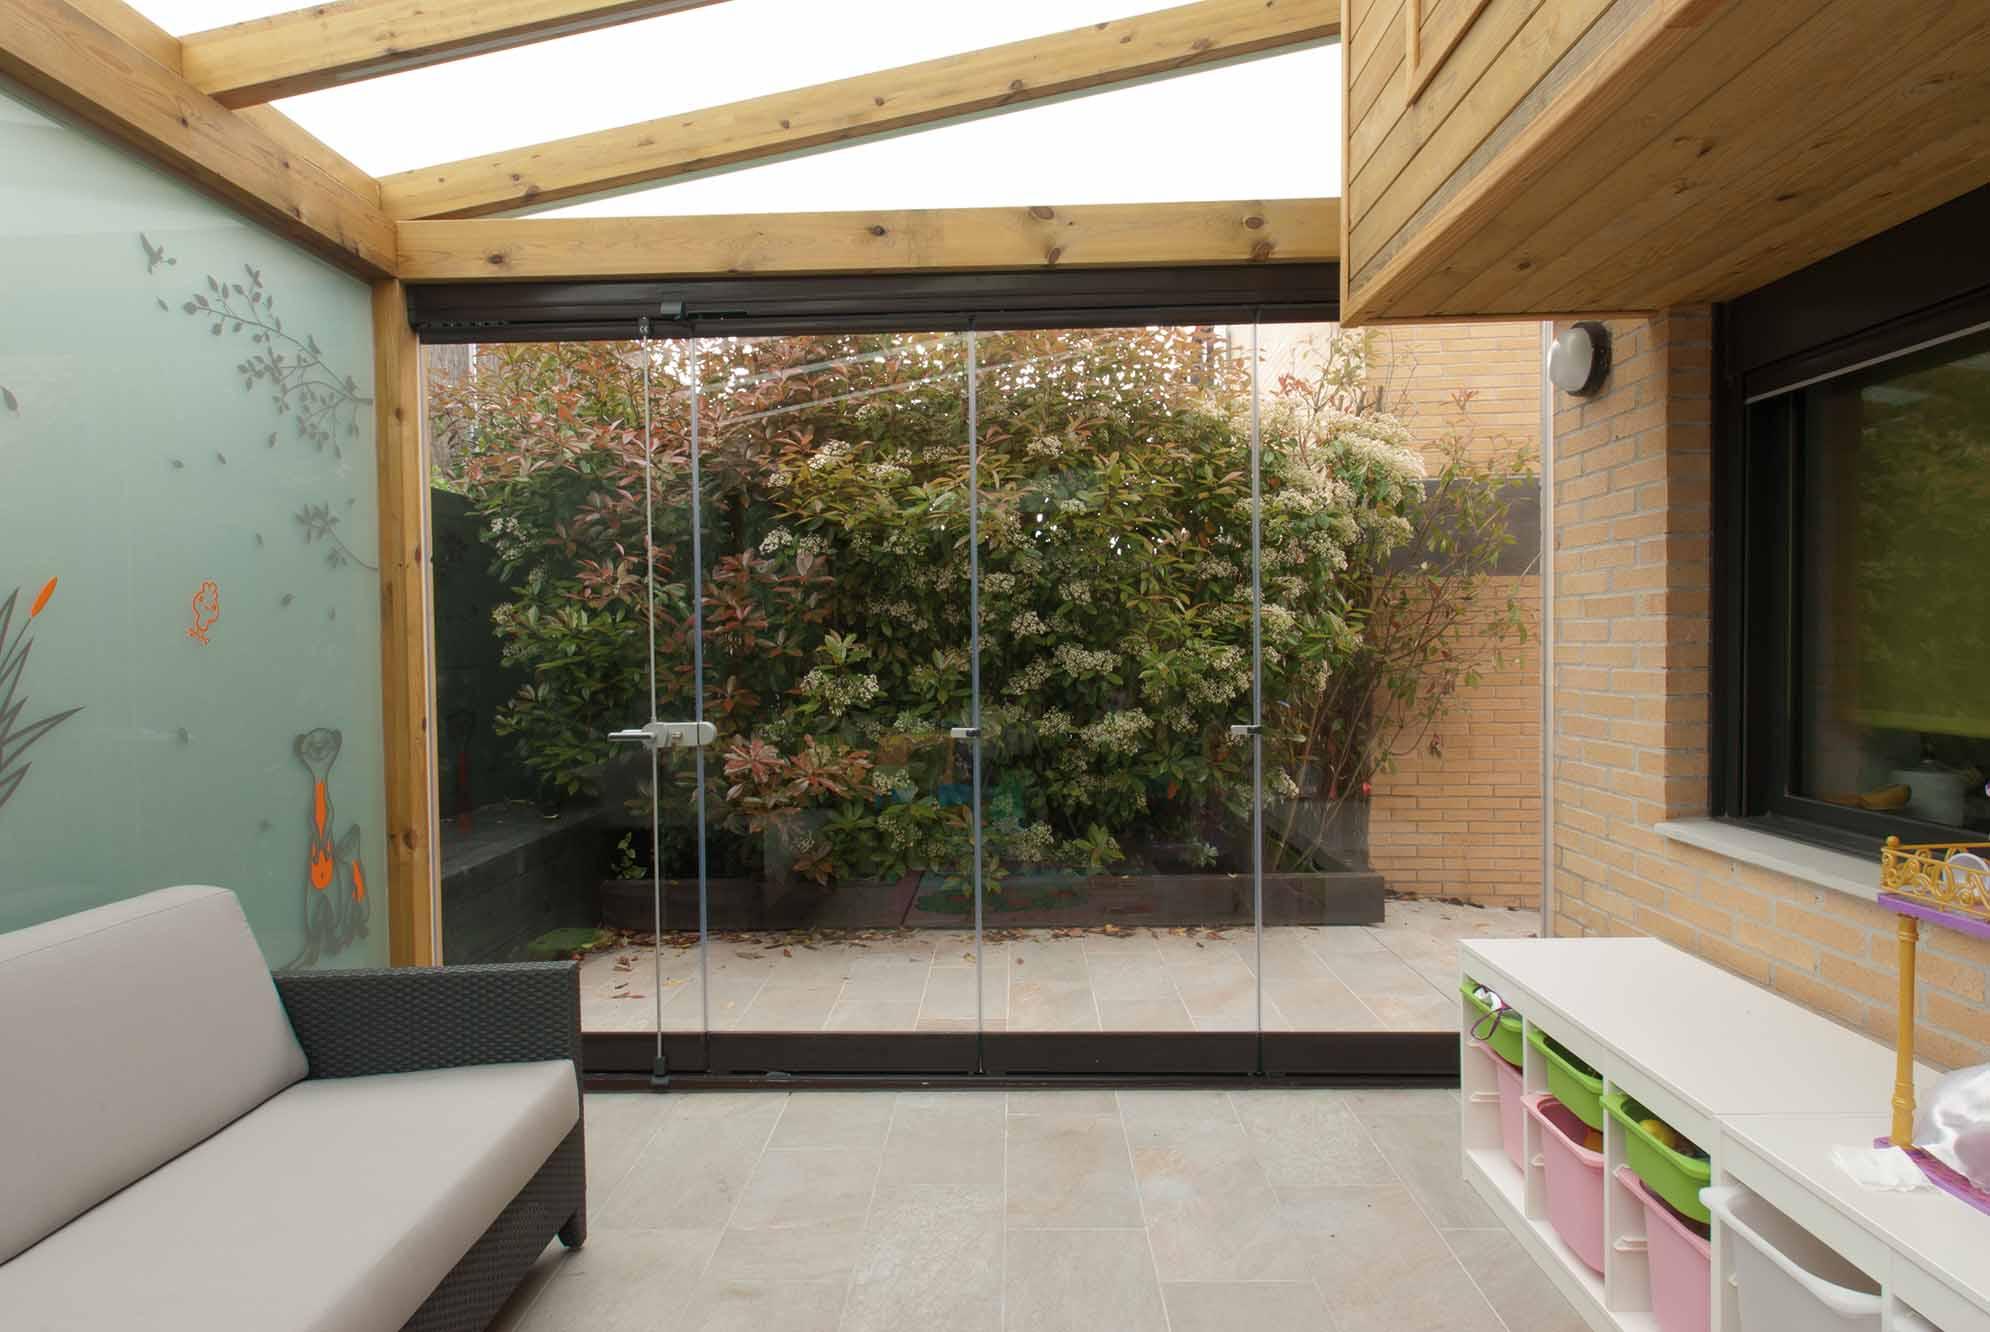 cerramientos-cristal-porches-jardines-aticos-2